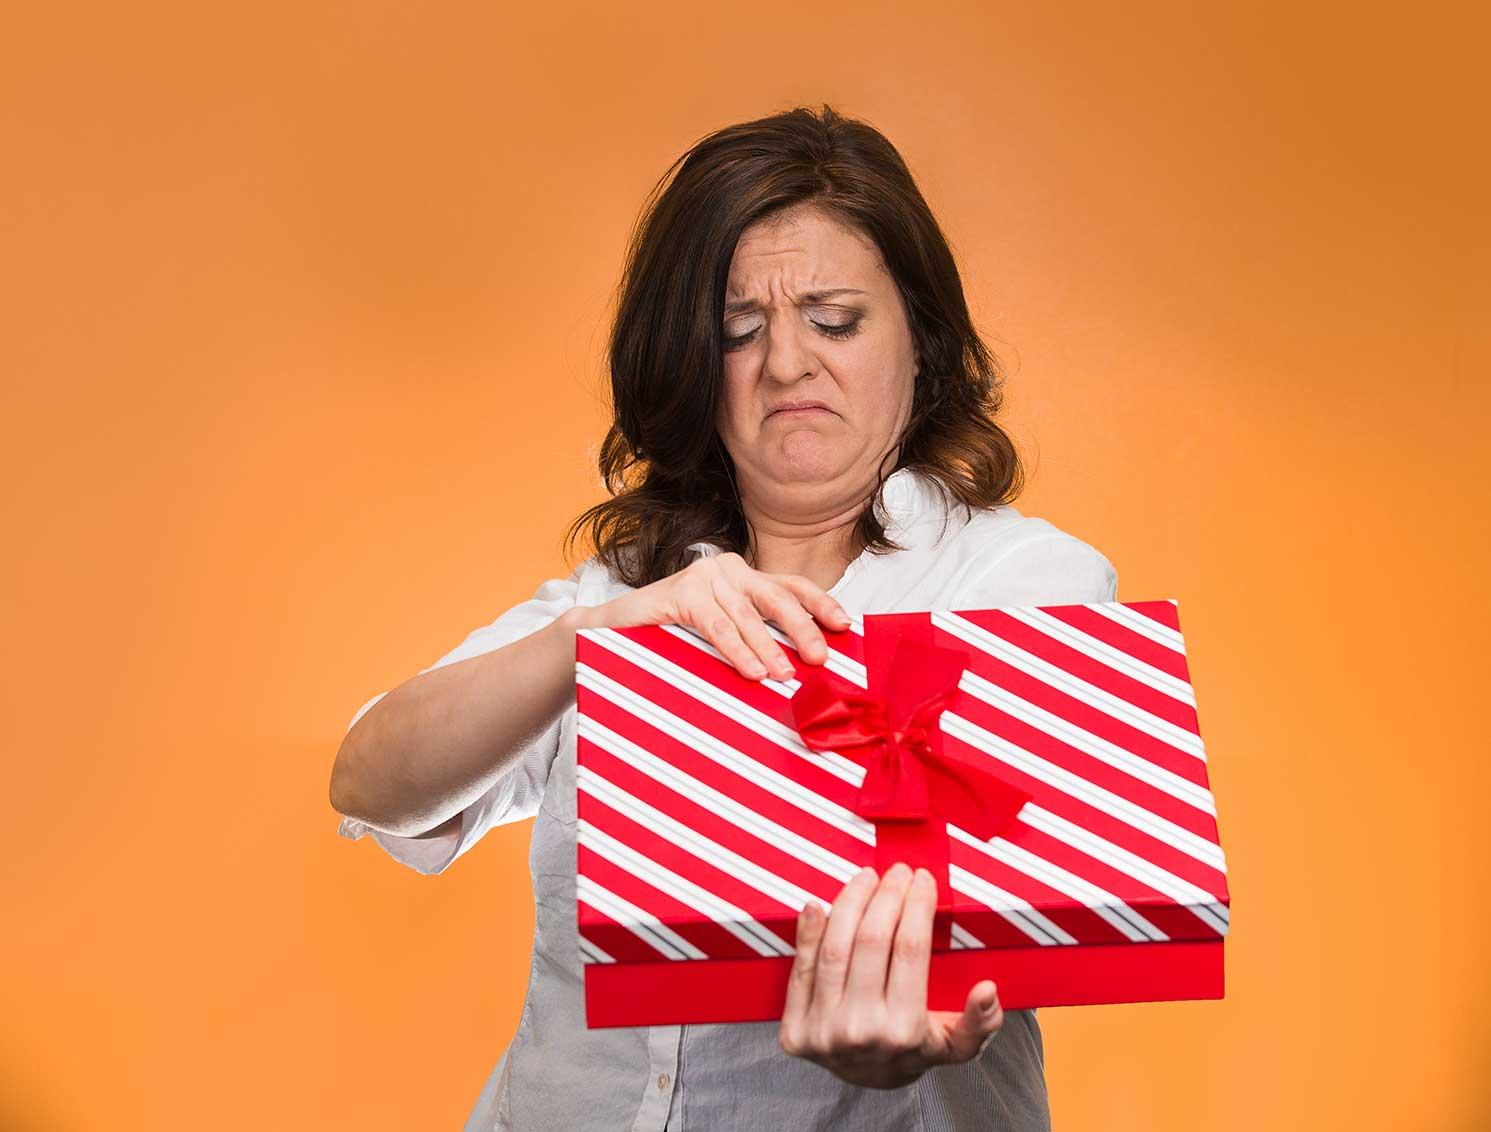 Возвращать подарки не прилично